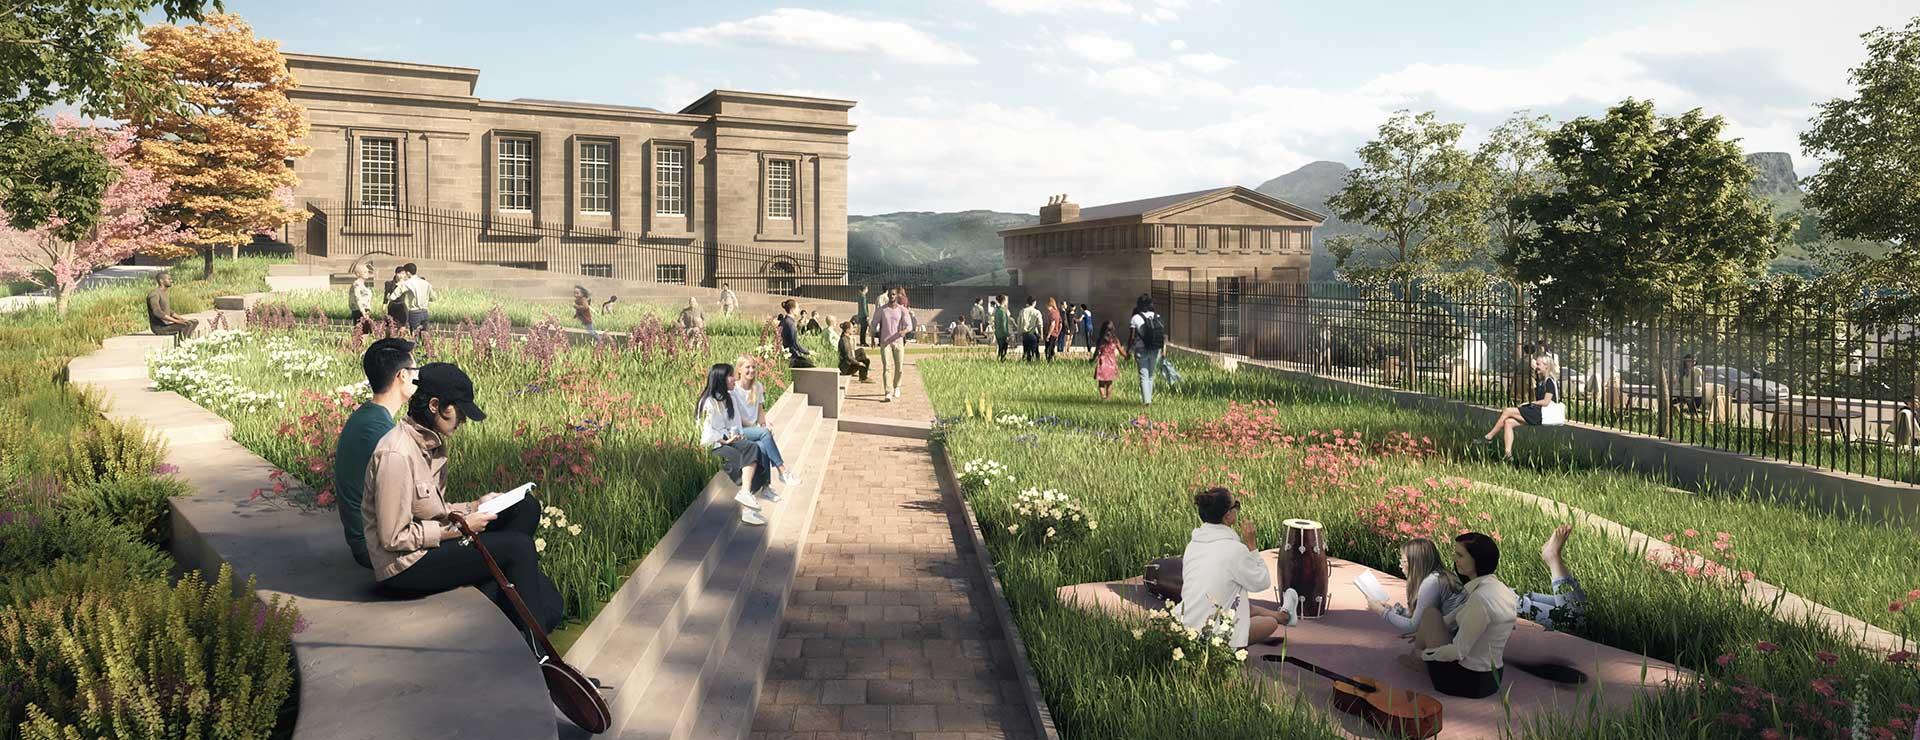 RHSPT - Gardens